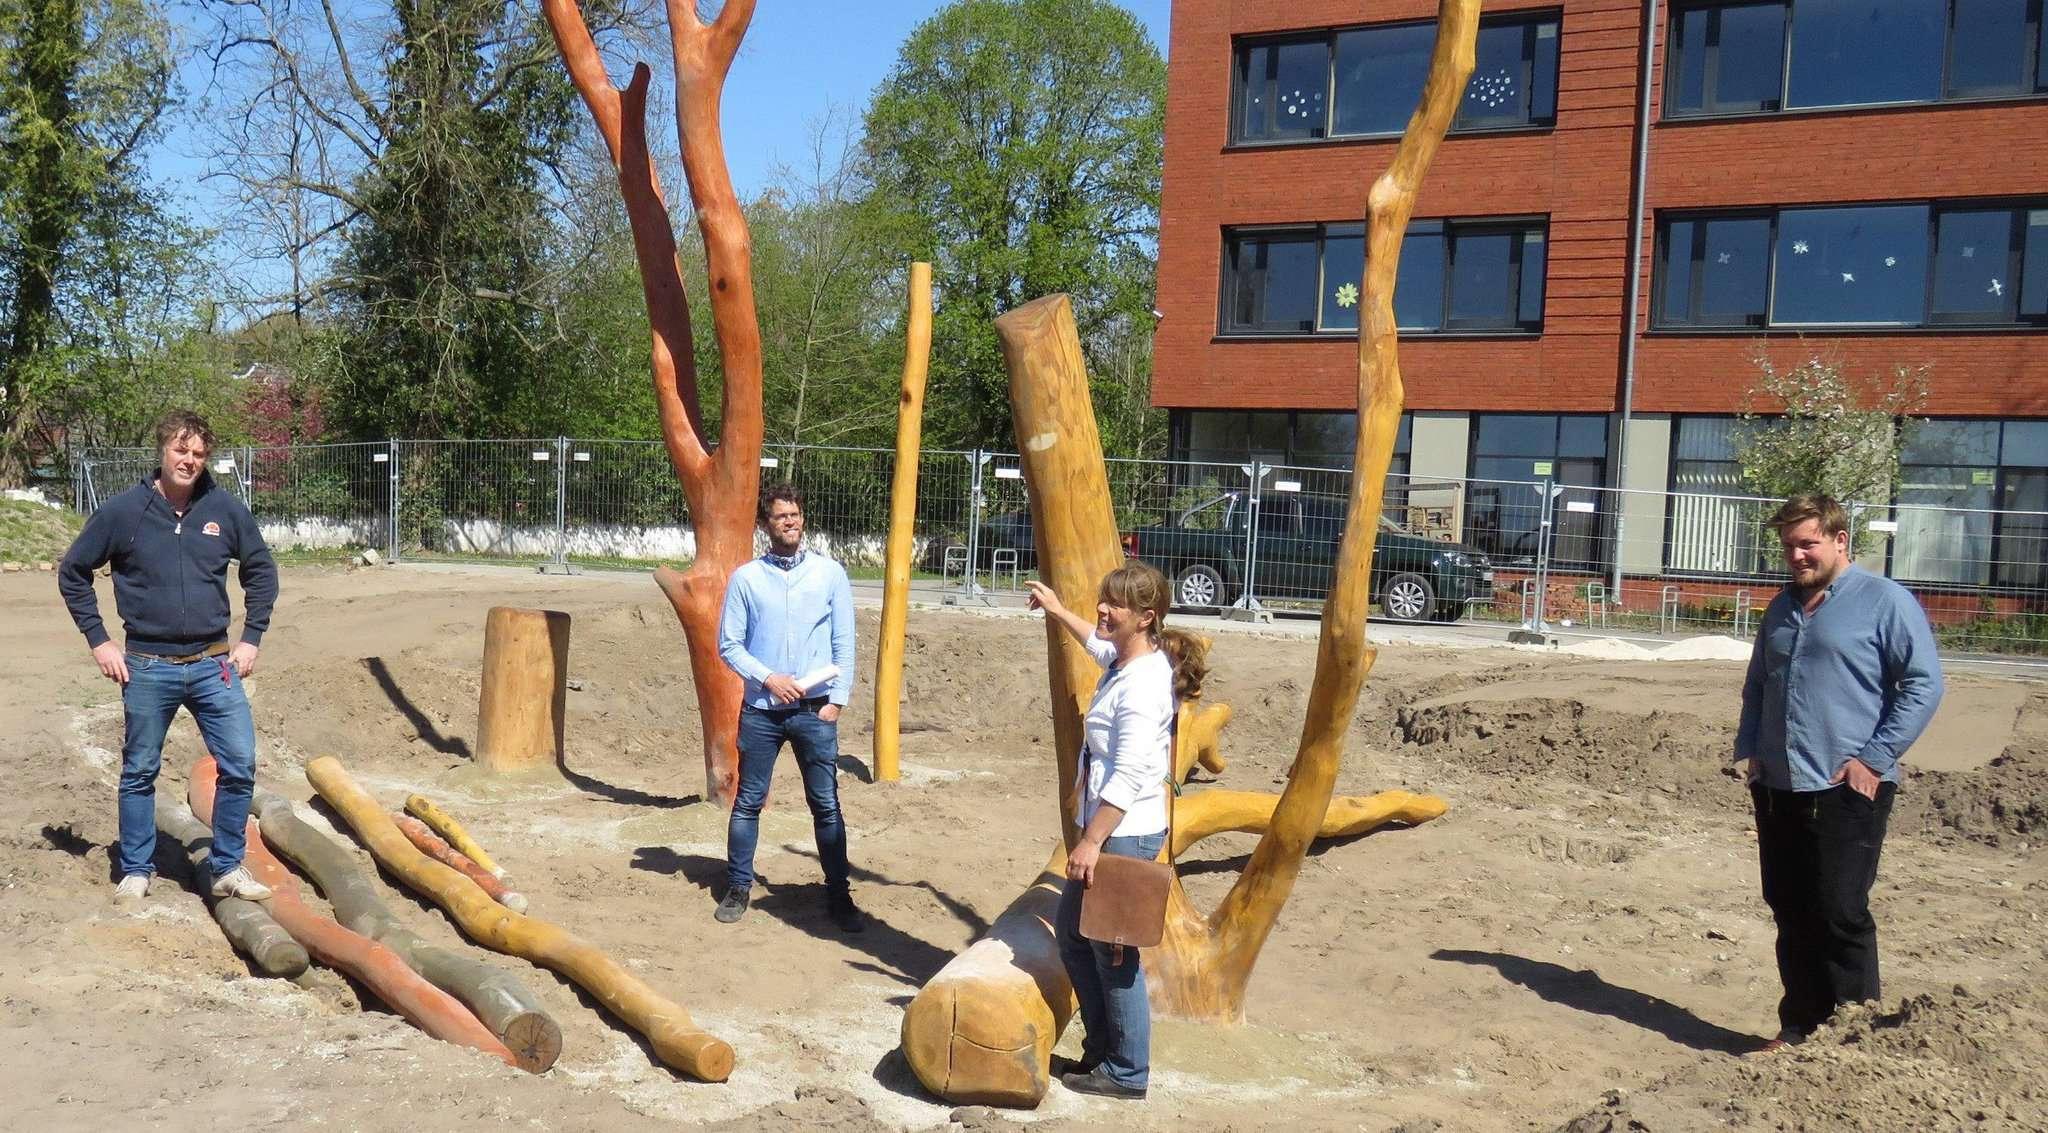 Volker Busboom-Schäfer (von links), Dominik Lerdon, Heike Drengemann und Kevin Weimann begutachteten die Baufortschritte der Kletter- und Balancierskulptur. Foto: Elke Keppler-Rosena